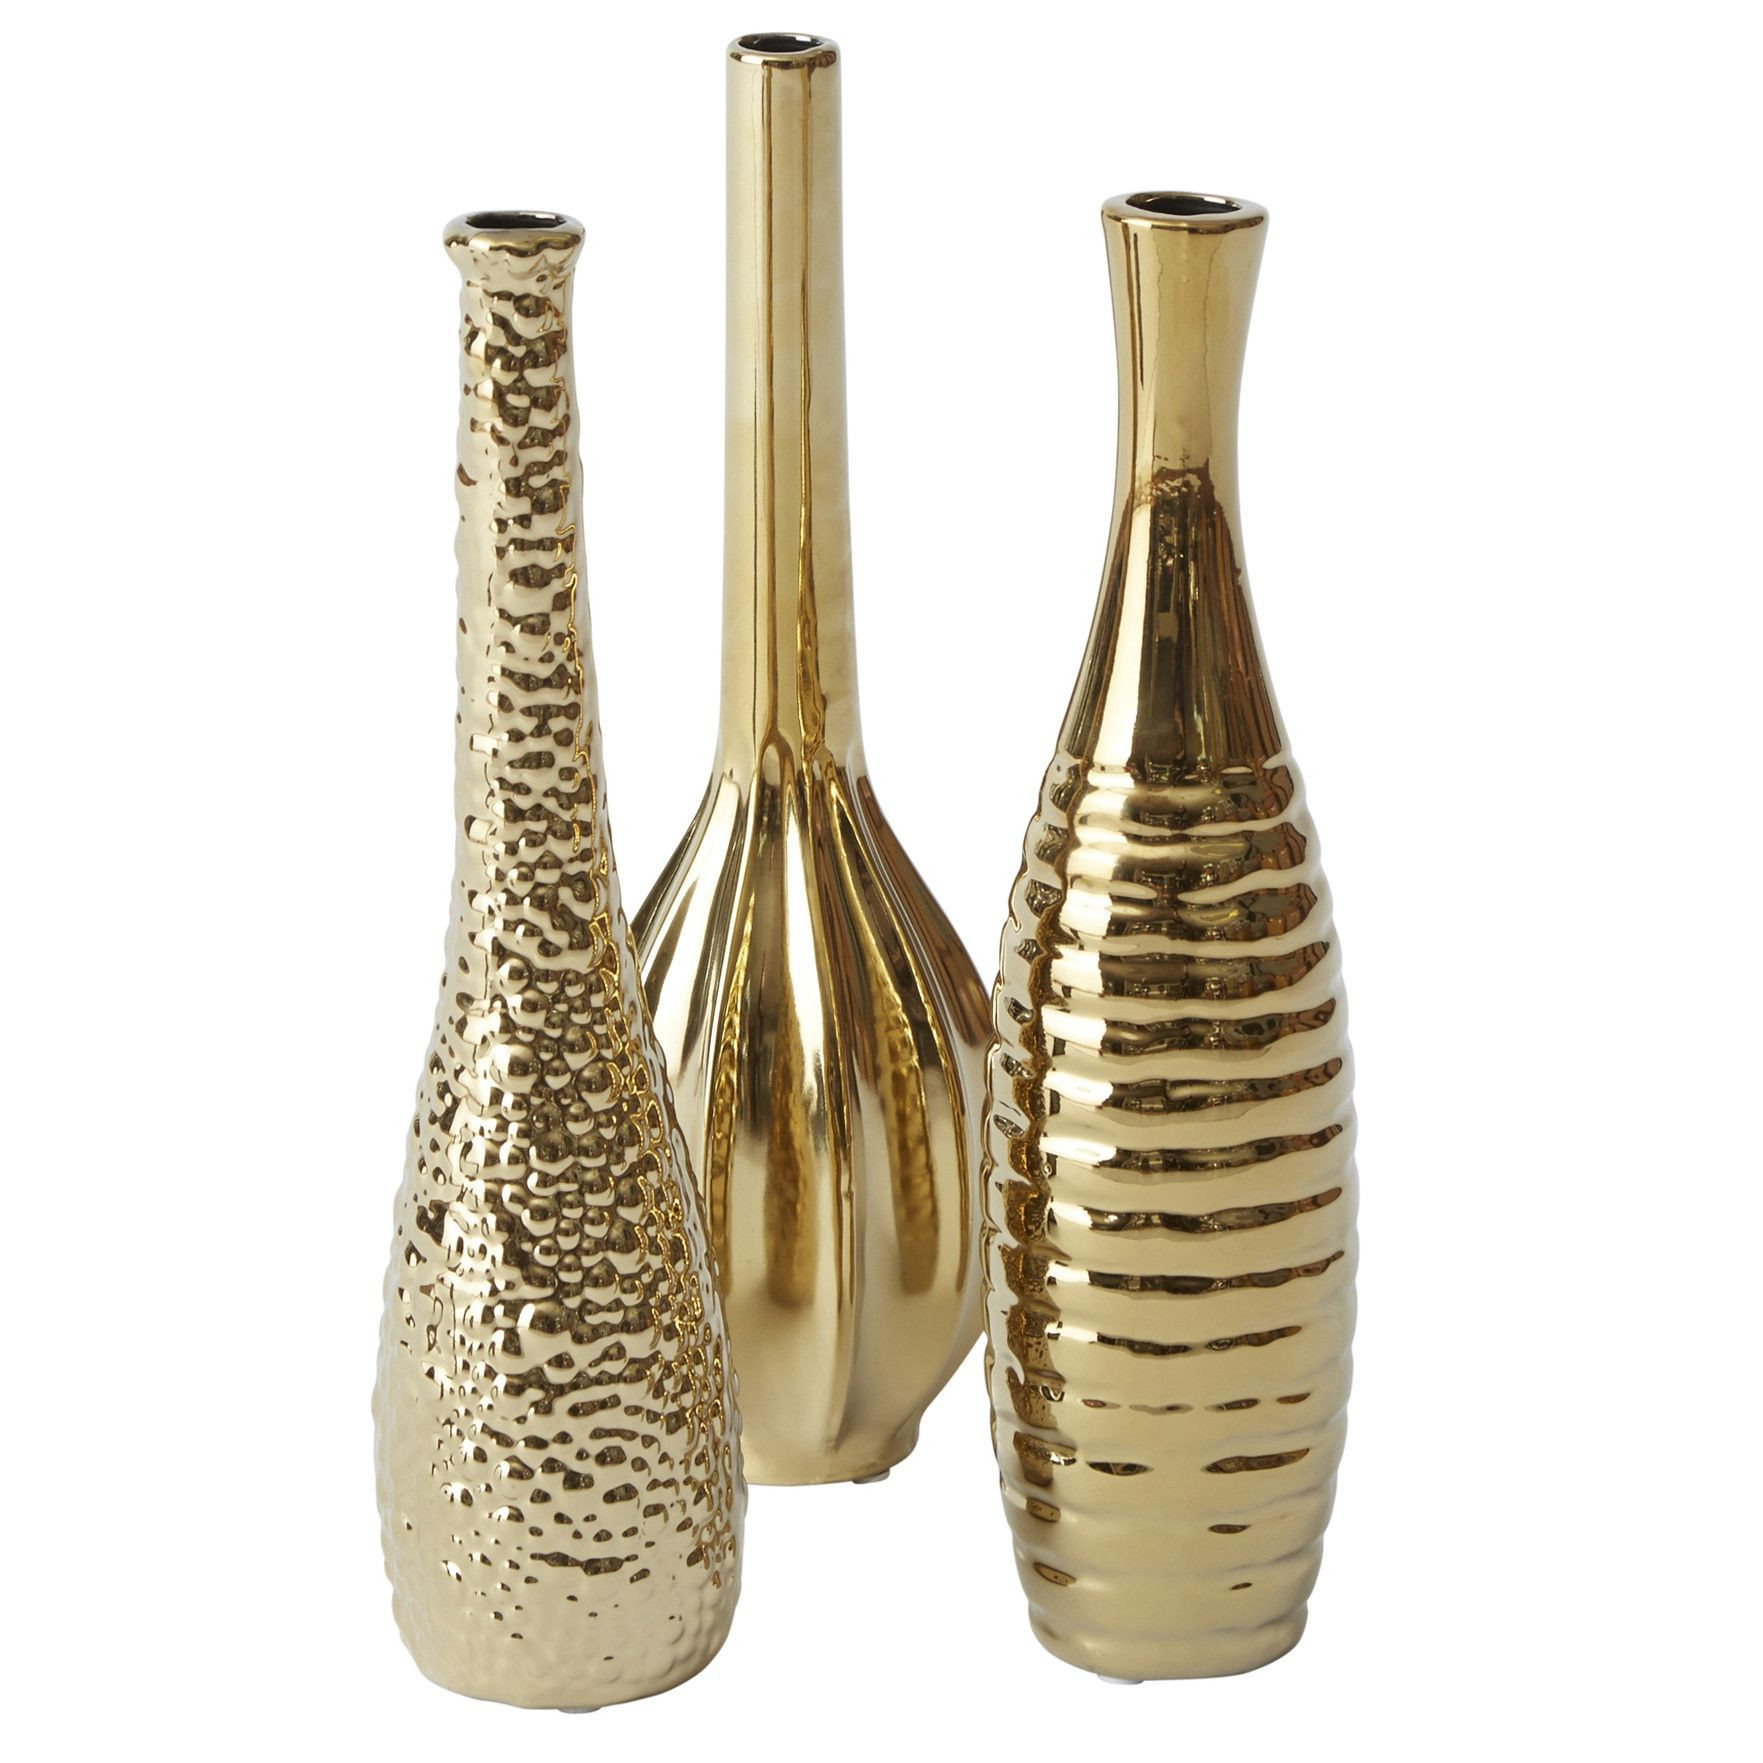 Oversized Glass Vase Of Tall Vases White Floor Www topsimages Com In Tall White Floor Vase New Decorative Floor Vases Fresh Vases Tall Brown I Of Tall White